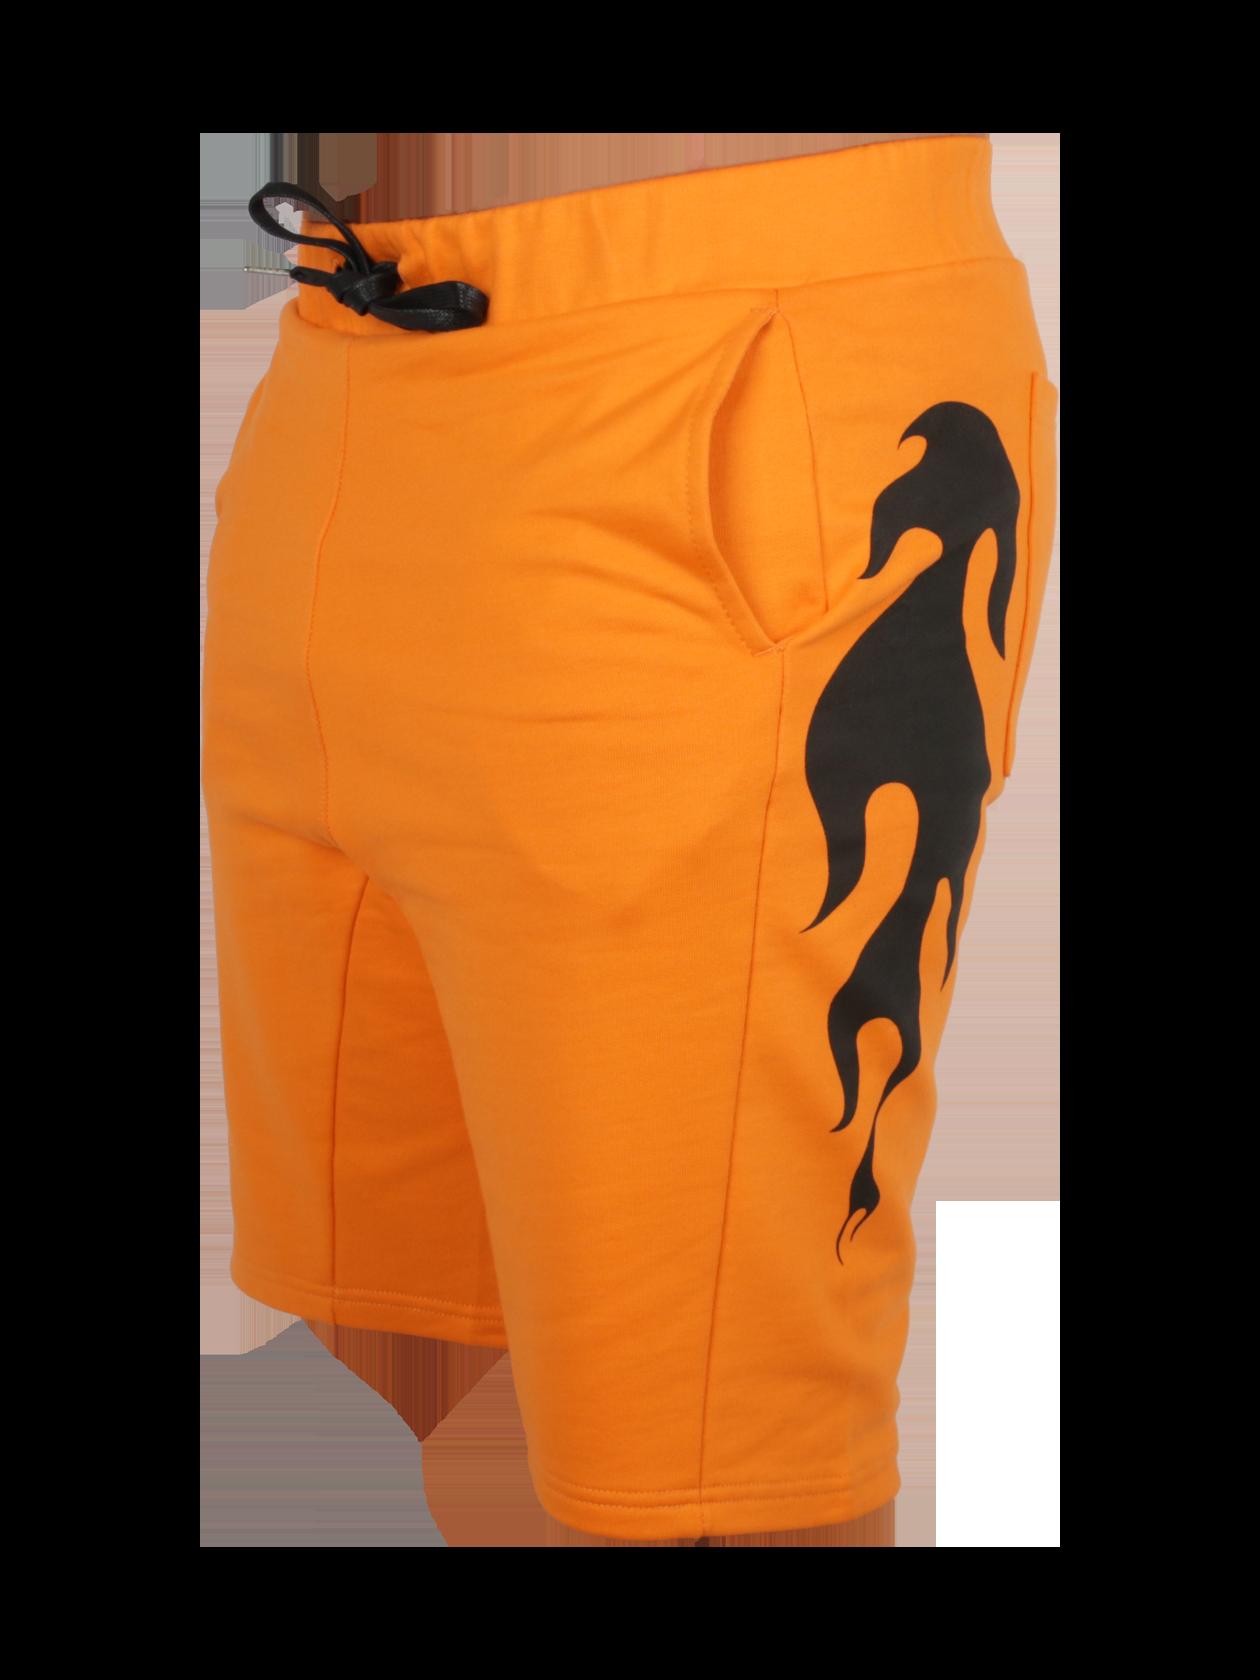 Шорты  FIRE FLAMEШорты Fire Flame из новой коллекции Orange Flame для энергичных и ярких молодых людей. Сочный оранжевый цвет, в котором представлена модель, зарядит позитивом и заметно выделит из толпы. Изделие прямого кроя с длиной чуть выше колен идеально подходит для спорта и отдыха. Дизайн дополнен накладными задними и внутренними боковыми карманами, широким поясом на резинке и завязках. Эффектные принты в виде языков пламени по бокам придают шортам особого стиля. Одно из преимуществ вещи – 100% хлопок премиального качества, обеспечивающий долговечность и практичность.<br><br>Размер: M<br>Цвет: Оранжевый<br>Пол: Мужской